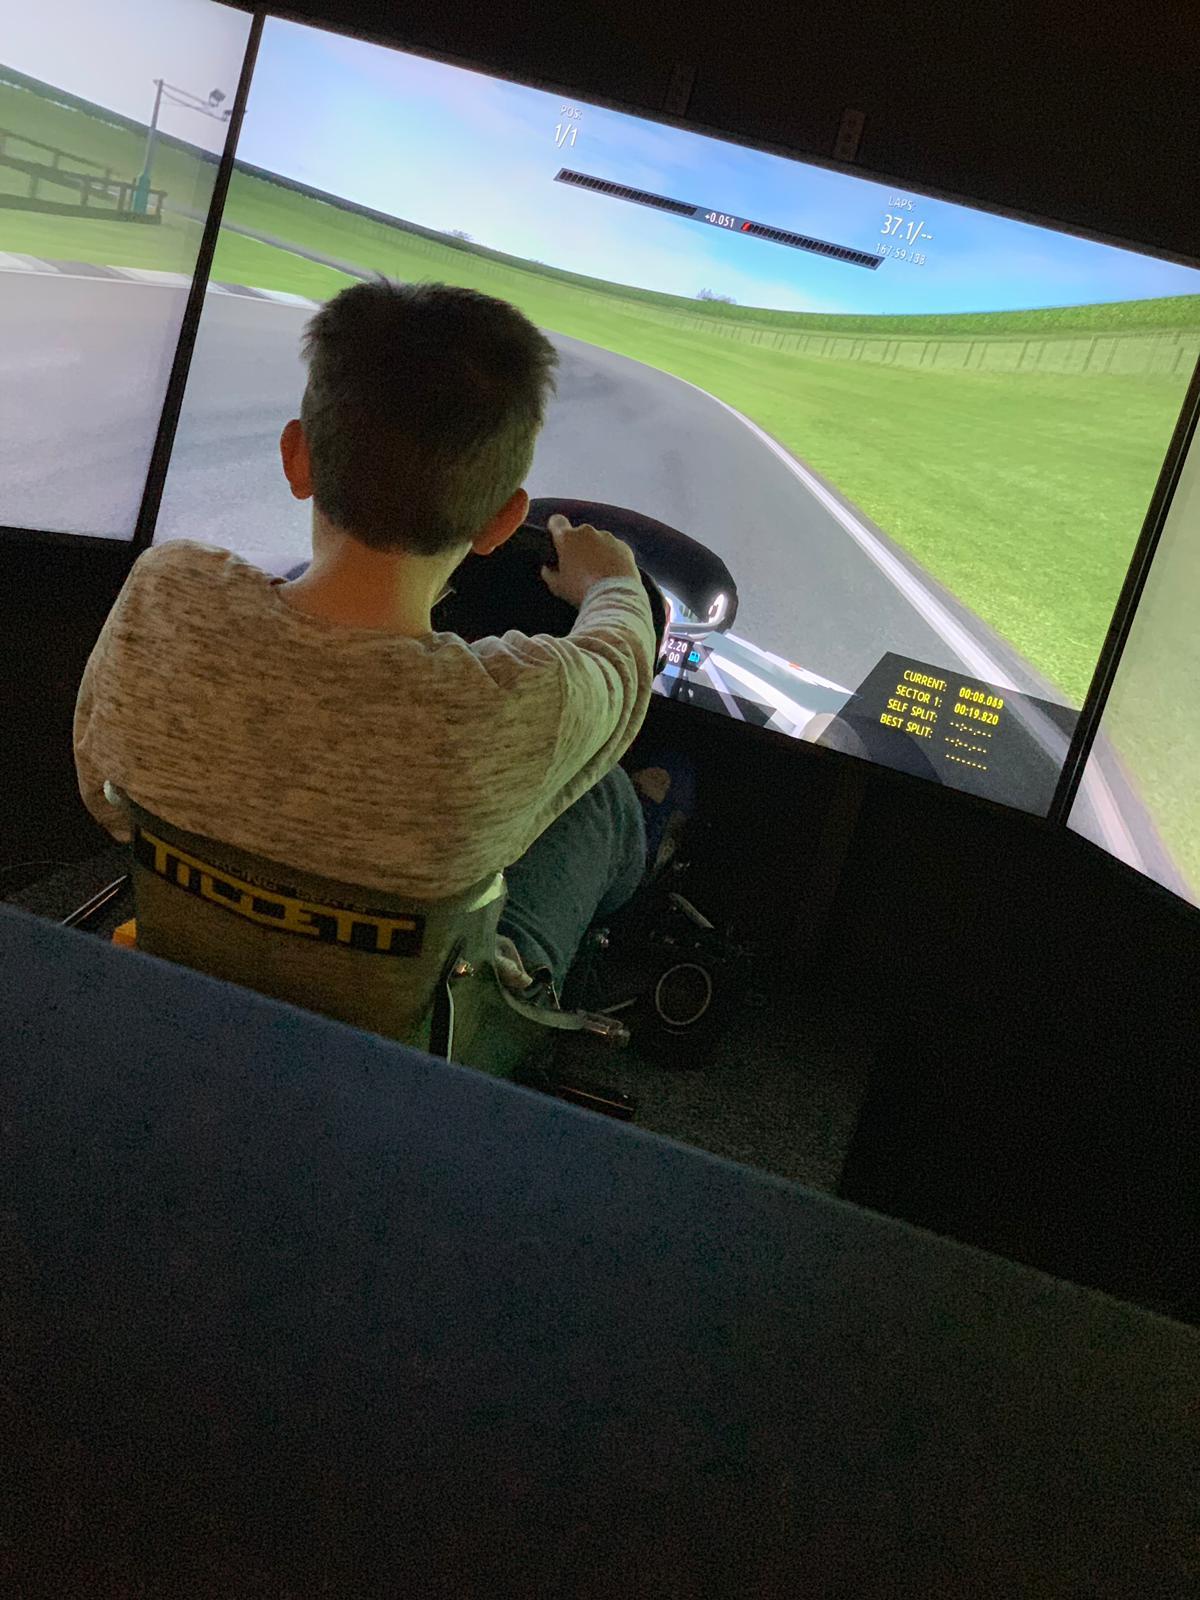 Karting simulation coaching